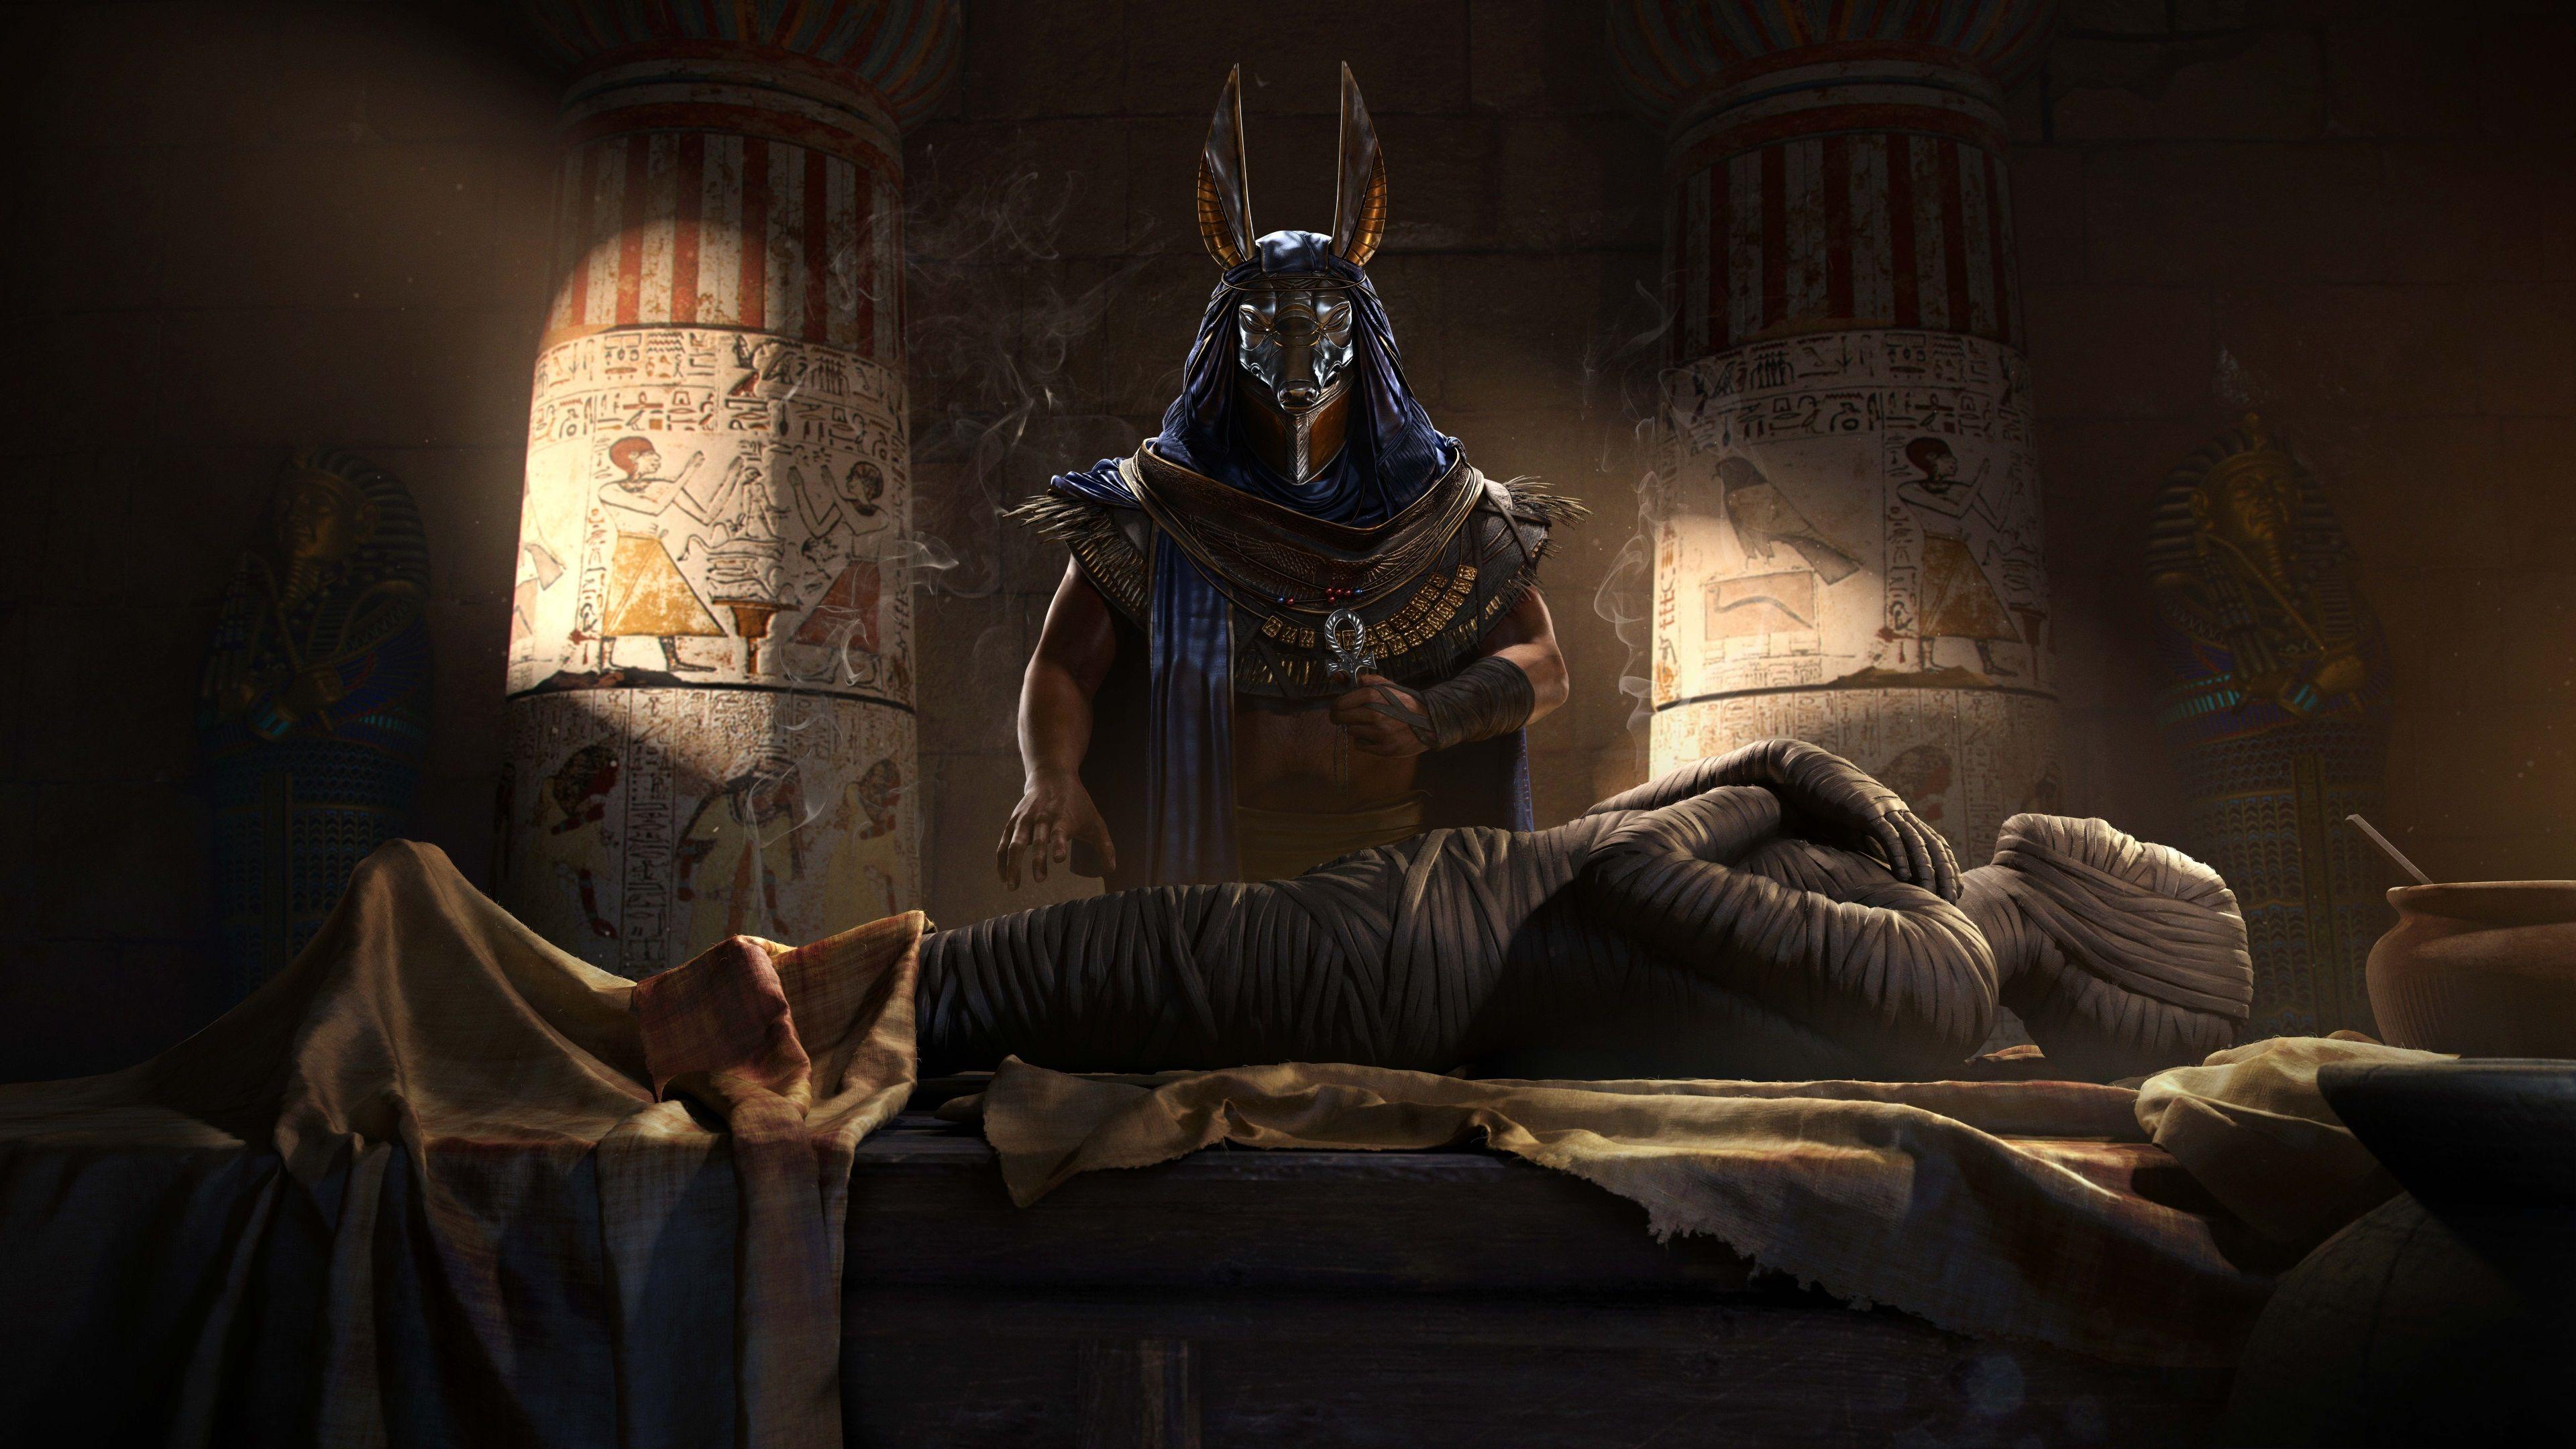 3840x2160 Assassins Creed Origins 4k Download Wallpaper For Computer Assassins Creed Origins Assassin S Creed Wallpaper Assassins Creed Artwork